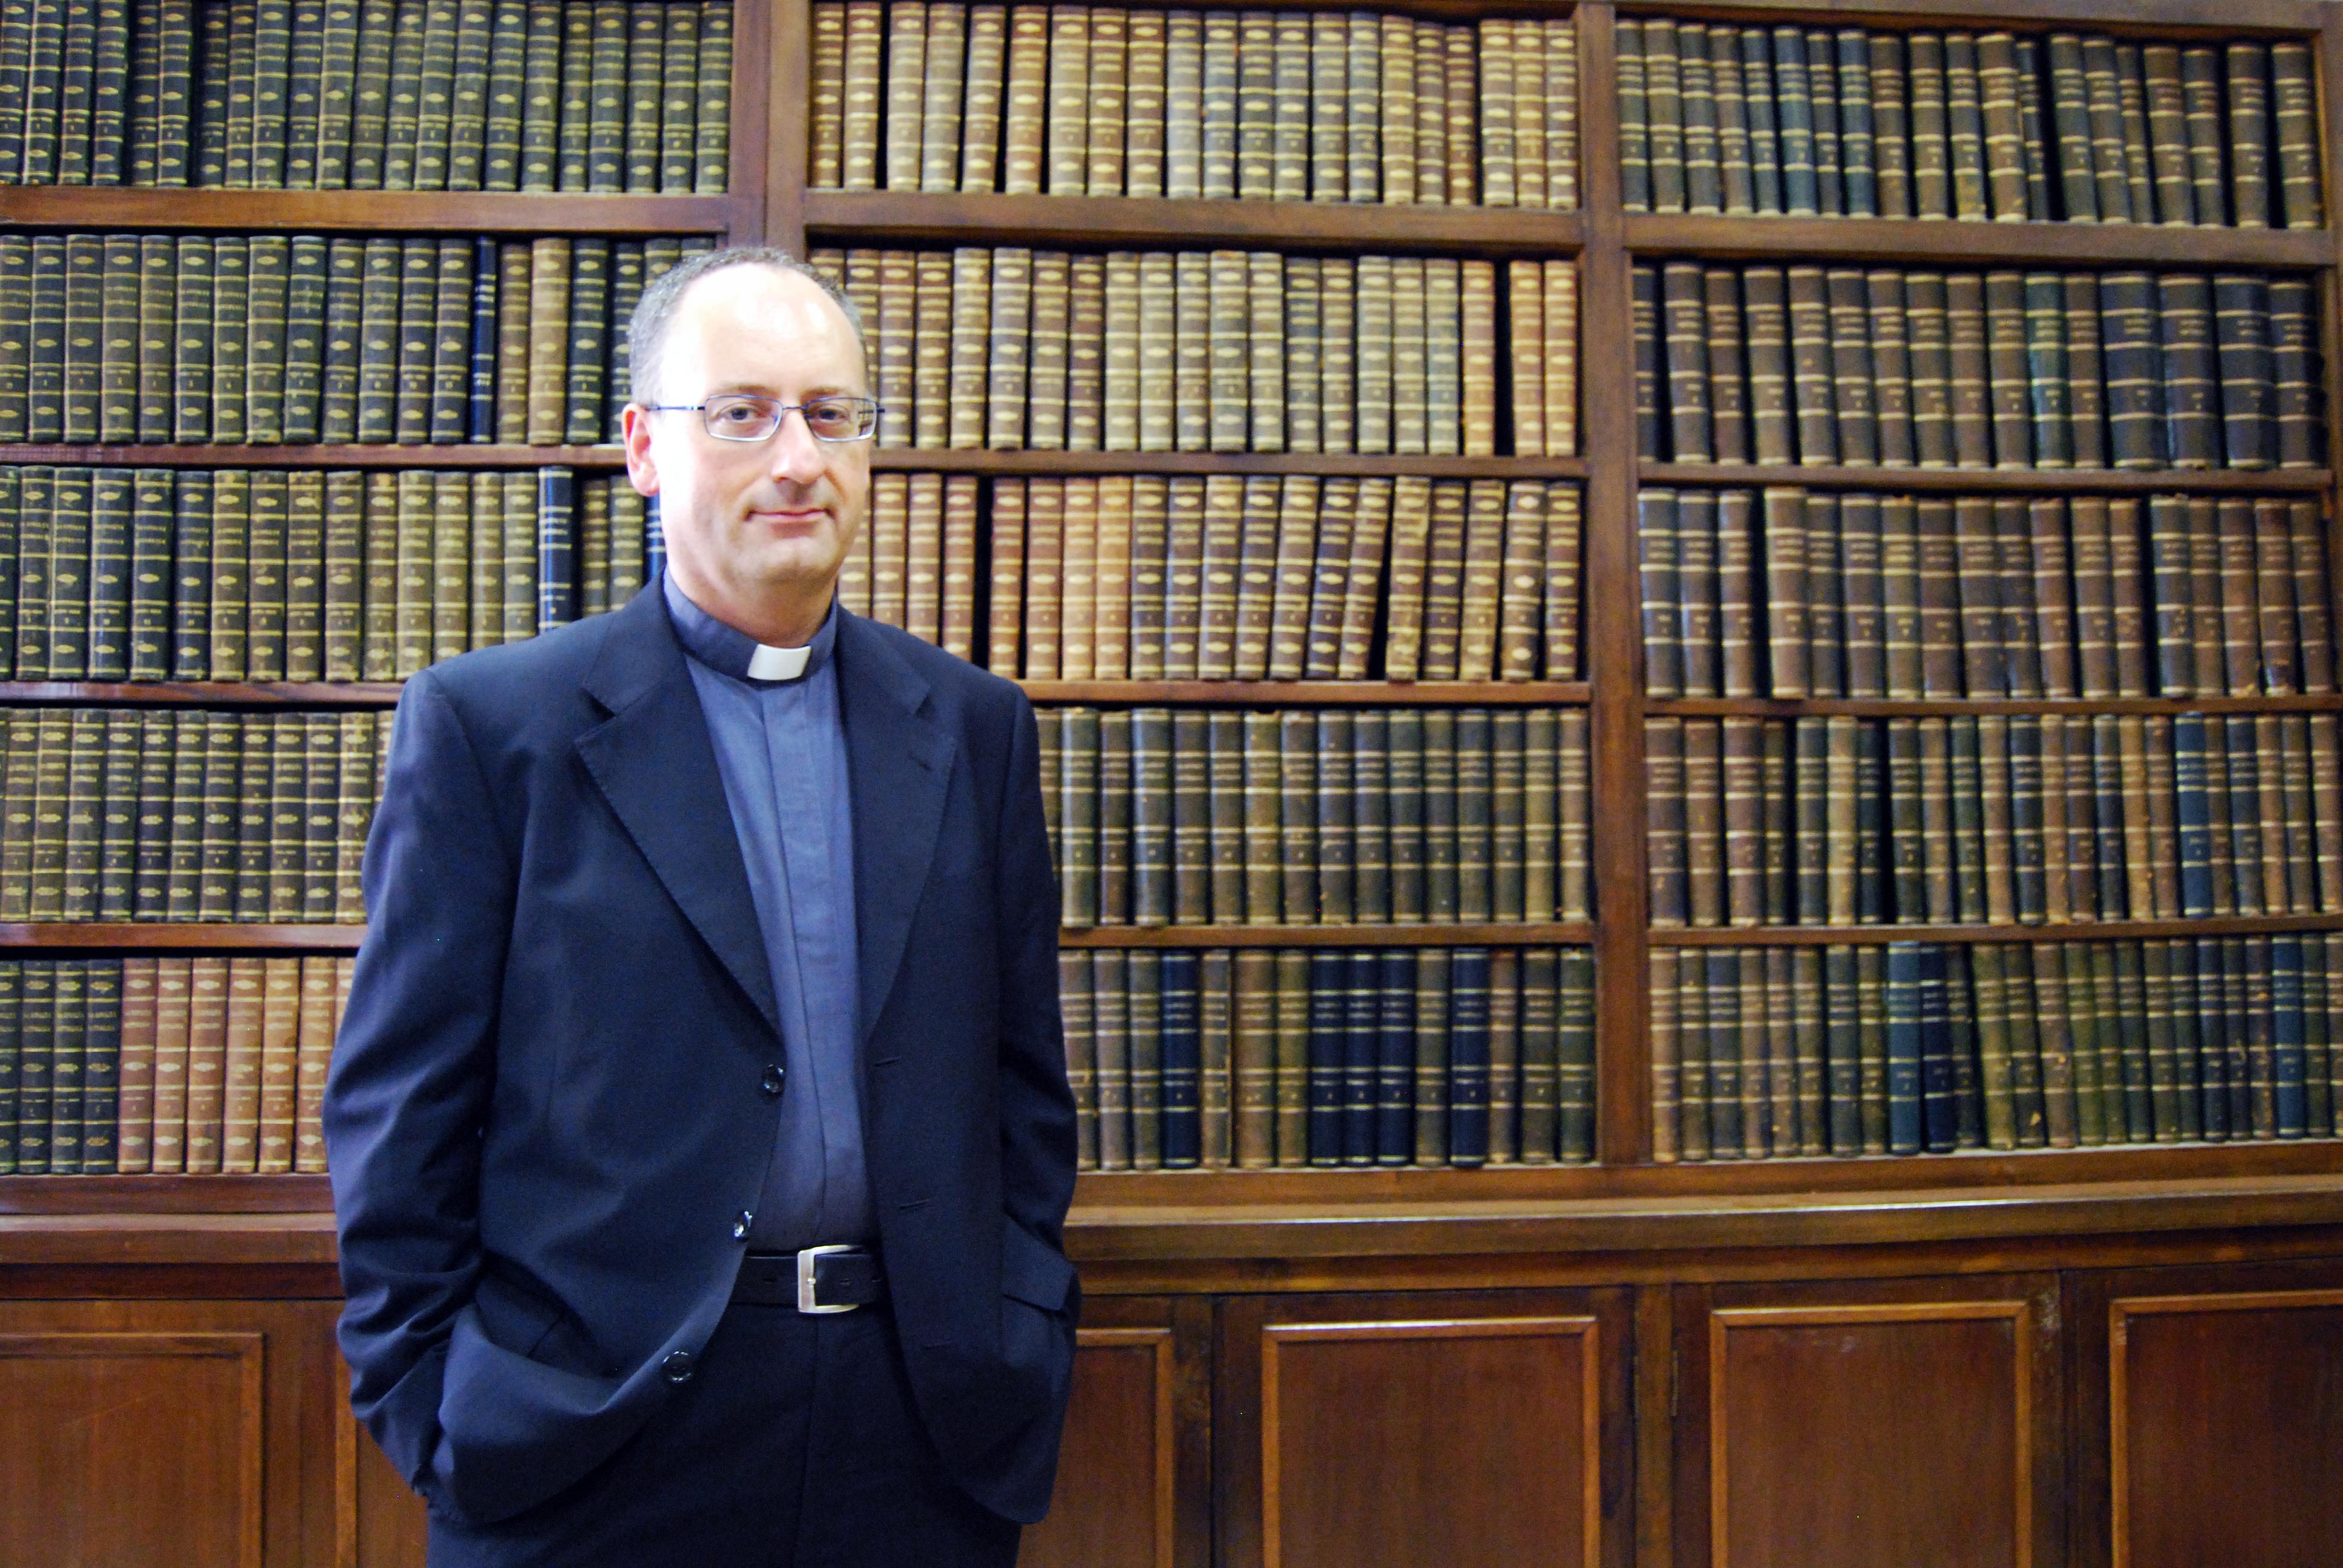 Antonio Spadaro SJ @ wikimedia commons